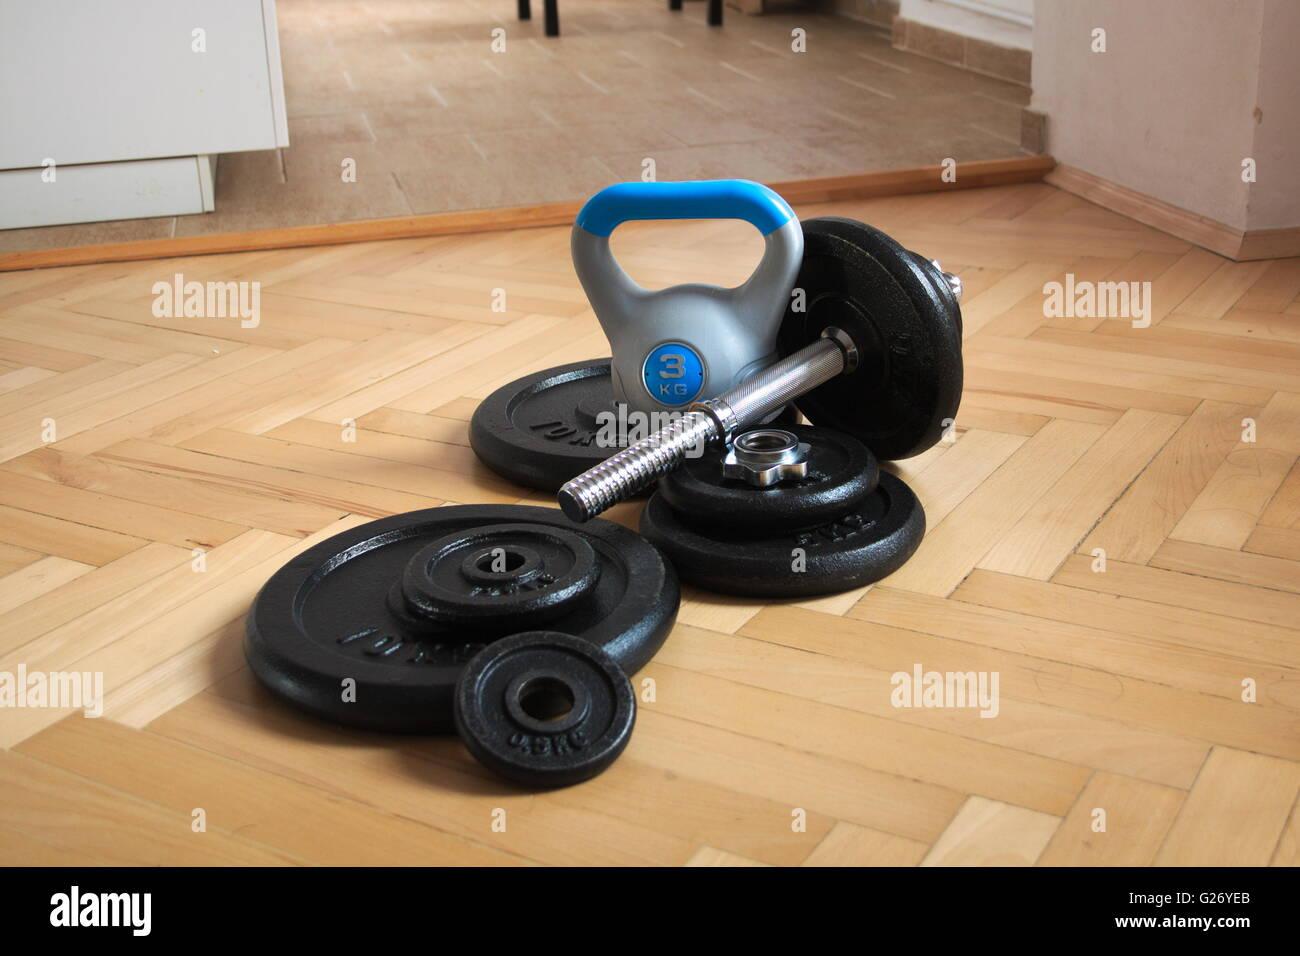 Herramientas para el hogar culturismo y fitness hervidora Bell y 40 Kg para ejercicios y pesas se colocan en parquet Imagen De Stock